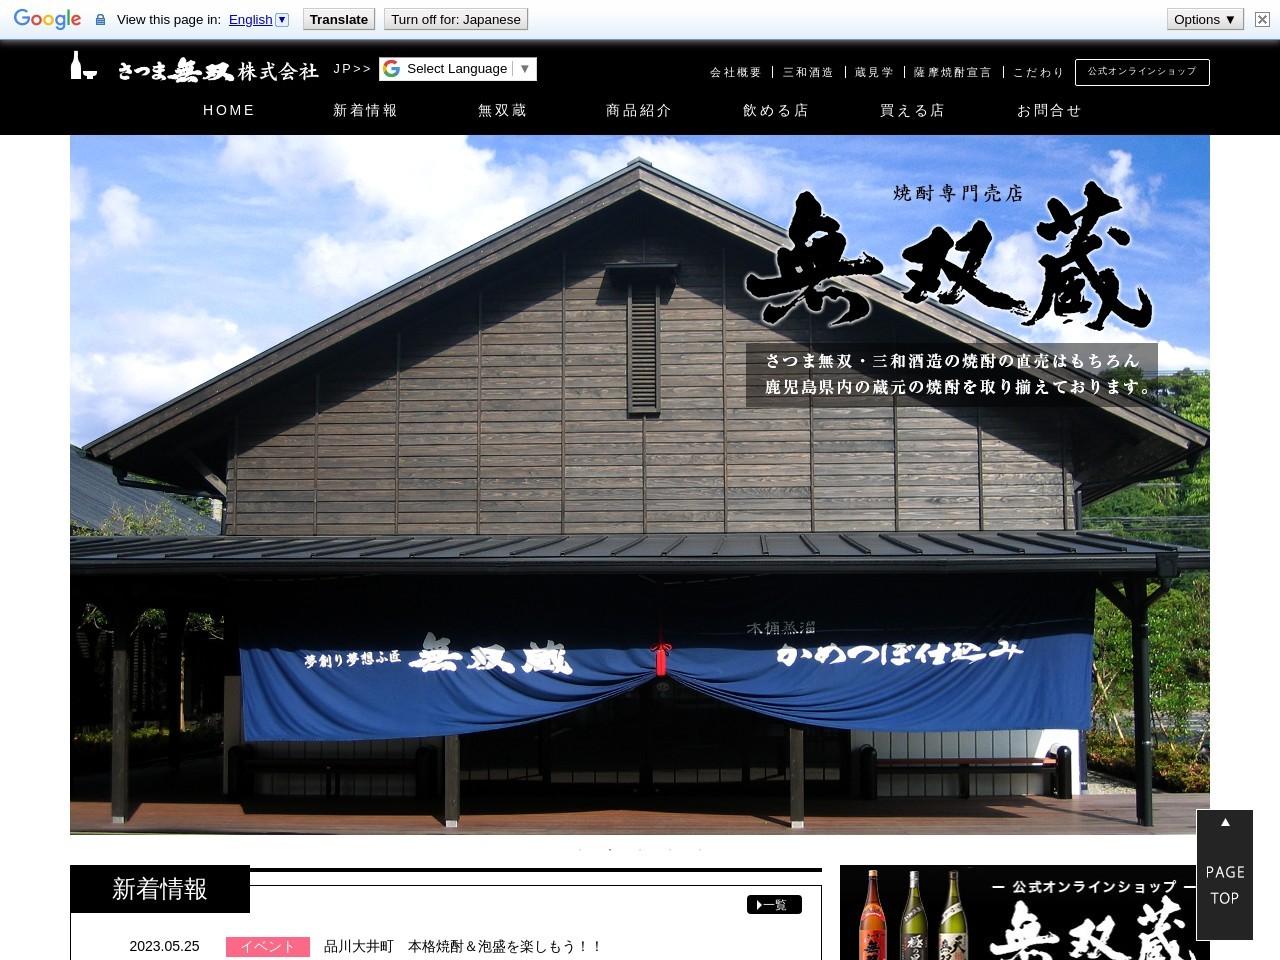 鹿児島本格焼酎さつま無双株式会社 公式Webサイト